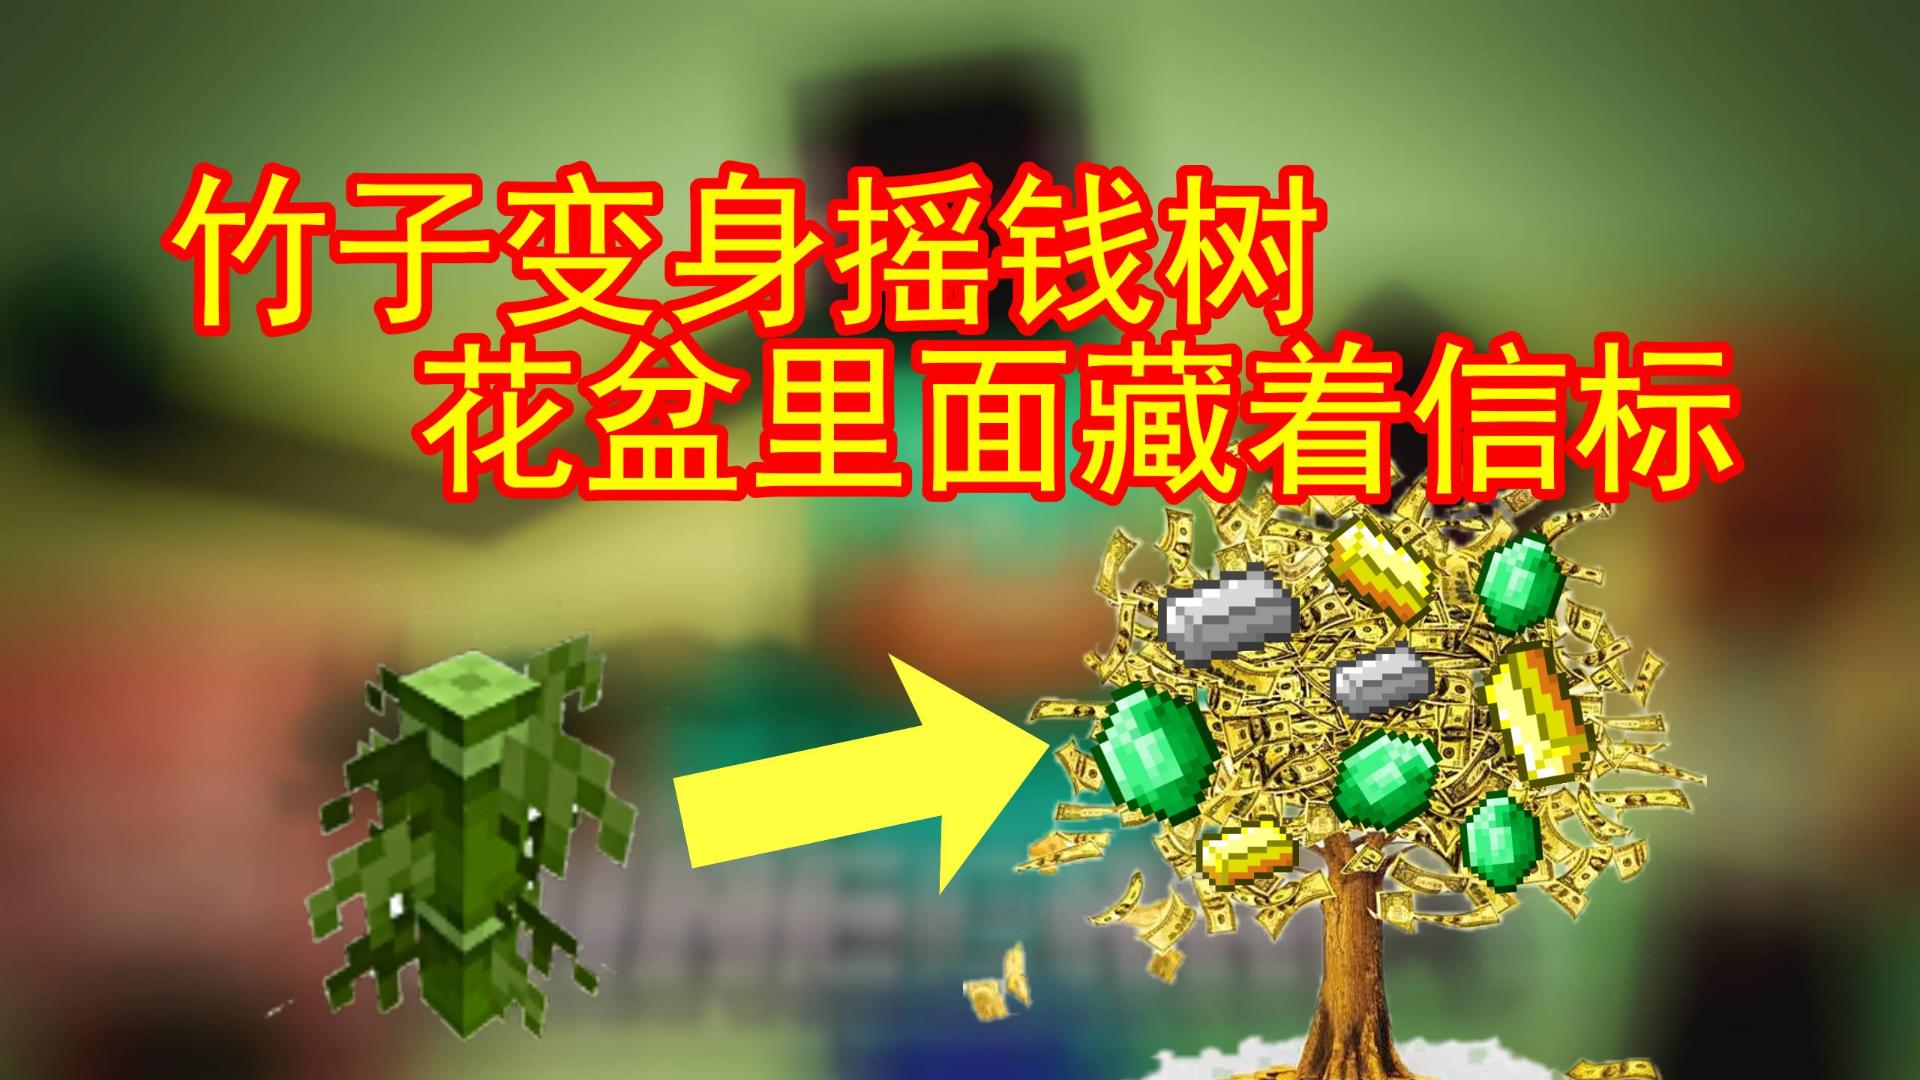 我的世界被掩埋的世界2:竹子变身摇钱树,花盆里面藏信标